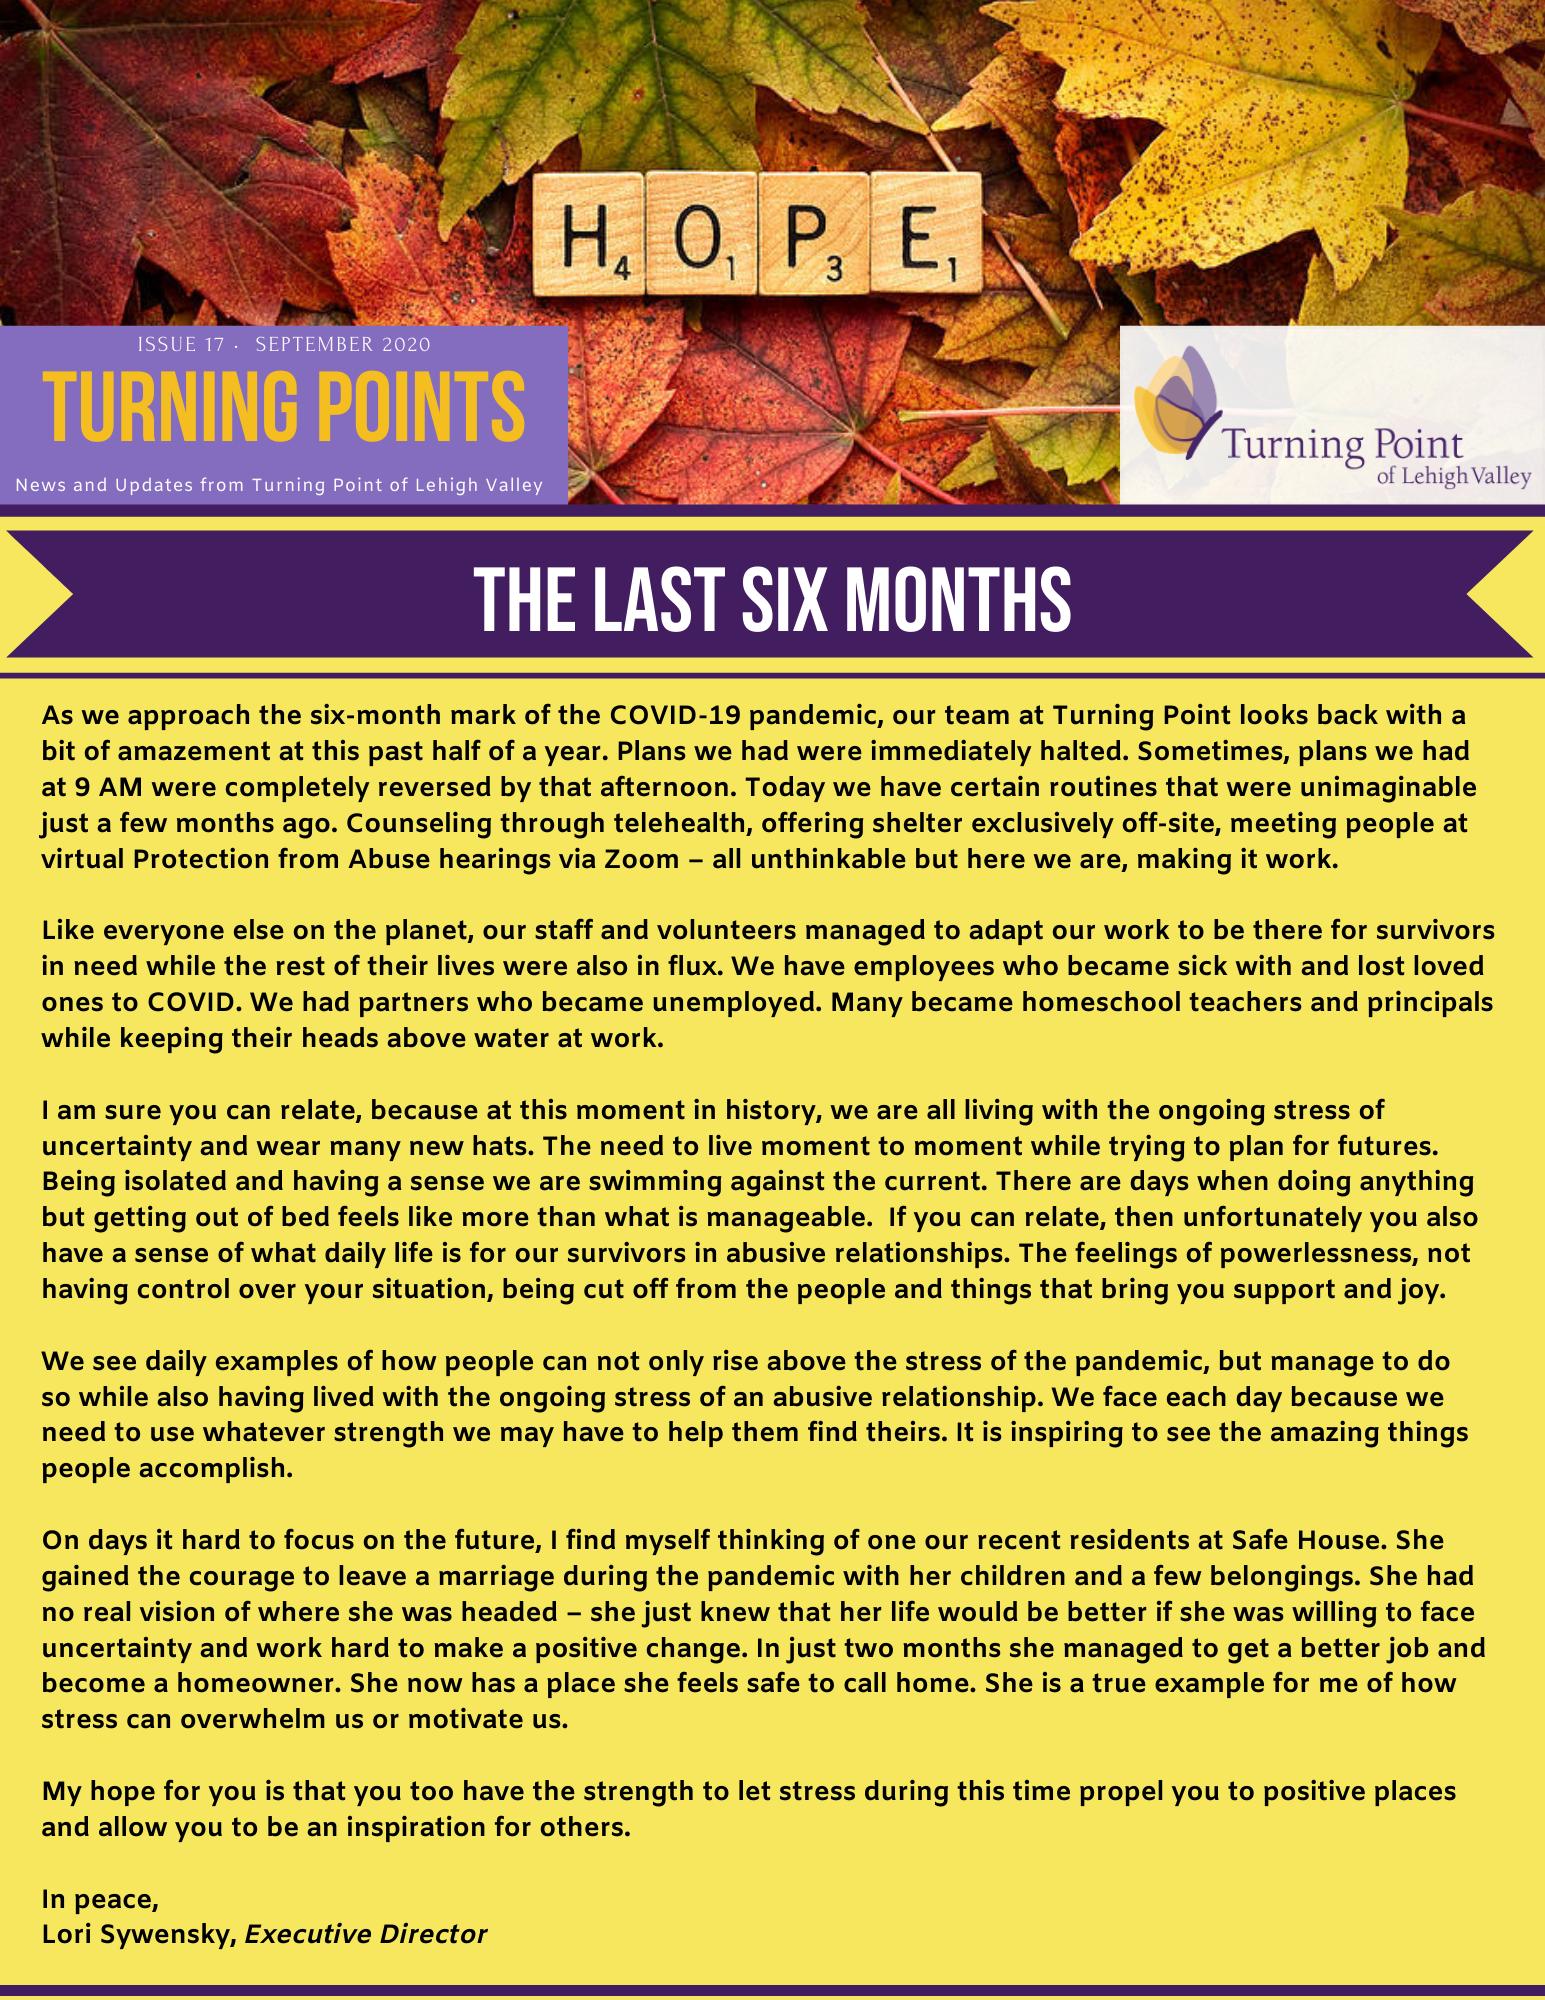 1 Sept. Newsletter